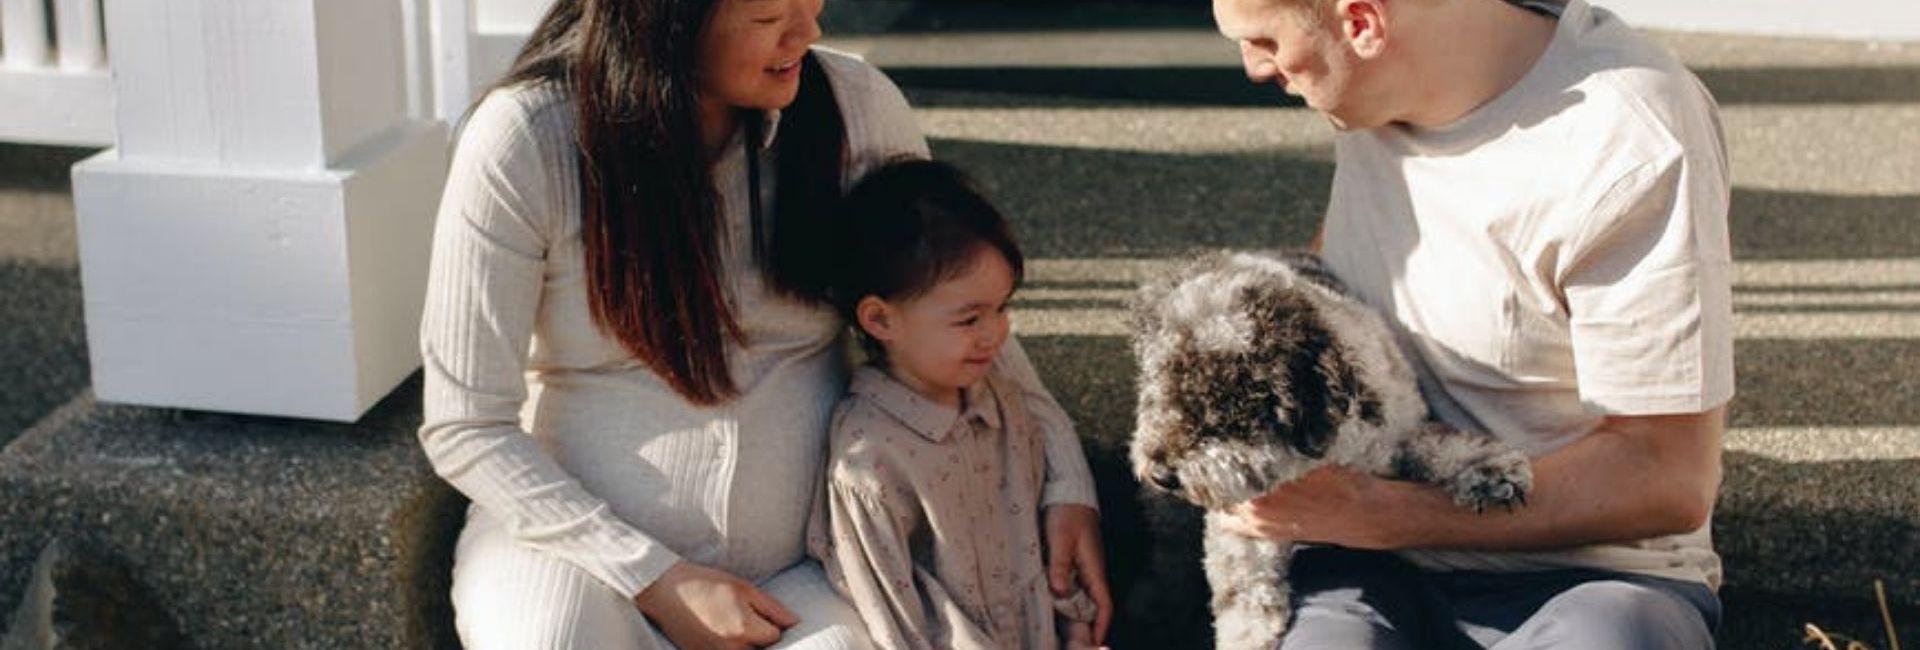 homme-enfant-chien-femme-perron